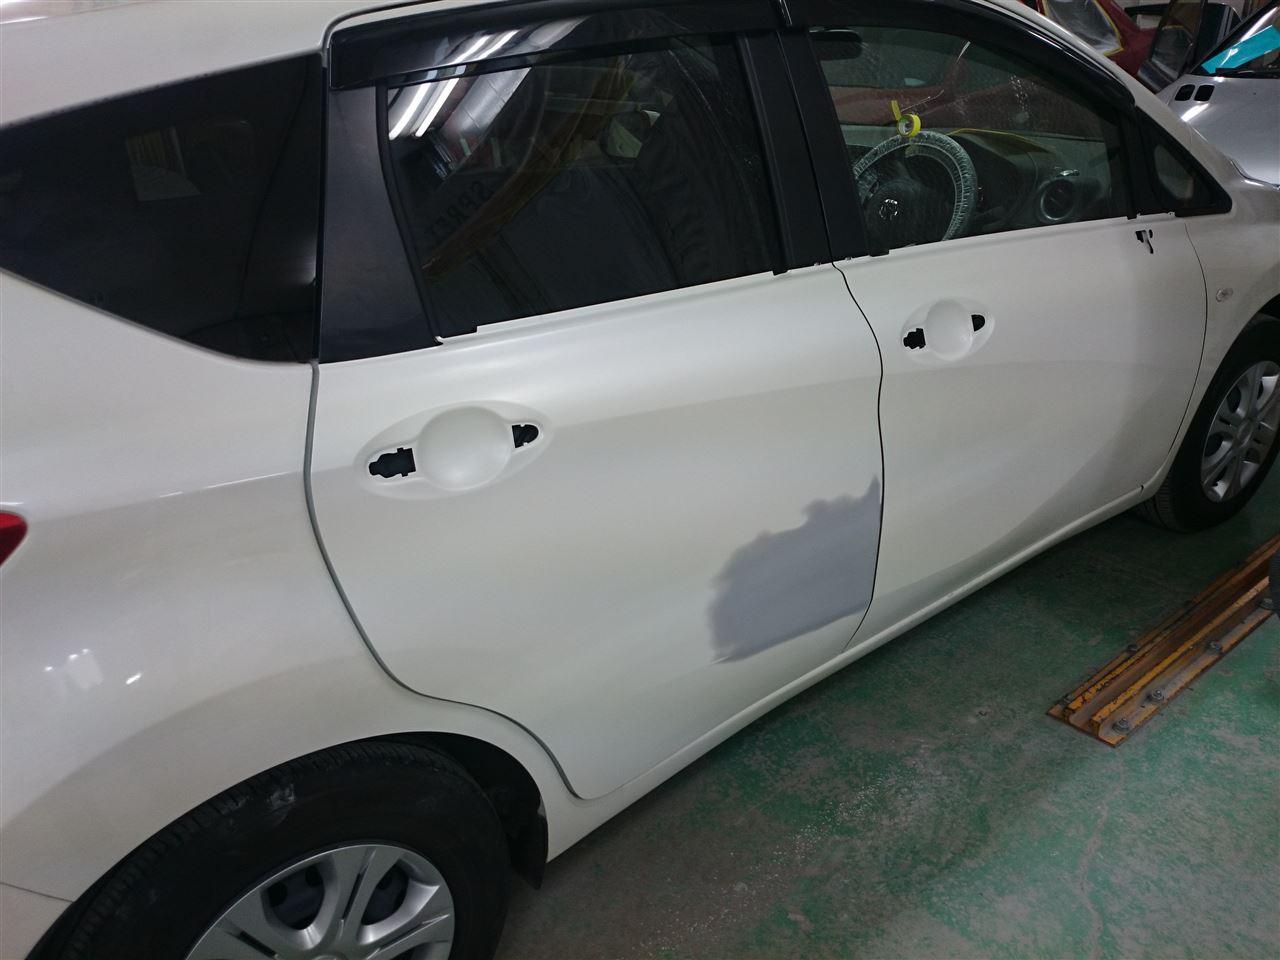 東京都立川市の車の板金塗装修理工場 ガレージローライドの日産 ノートの右側面のキズ へこみ の板金 修理 塗装 です。